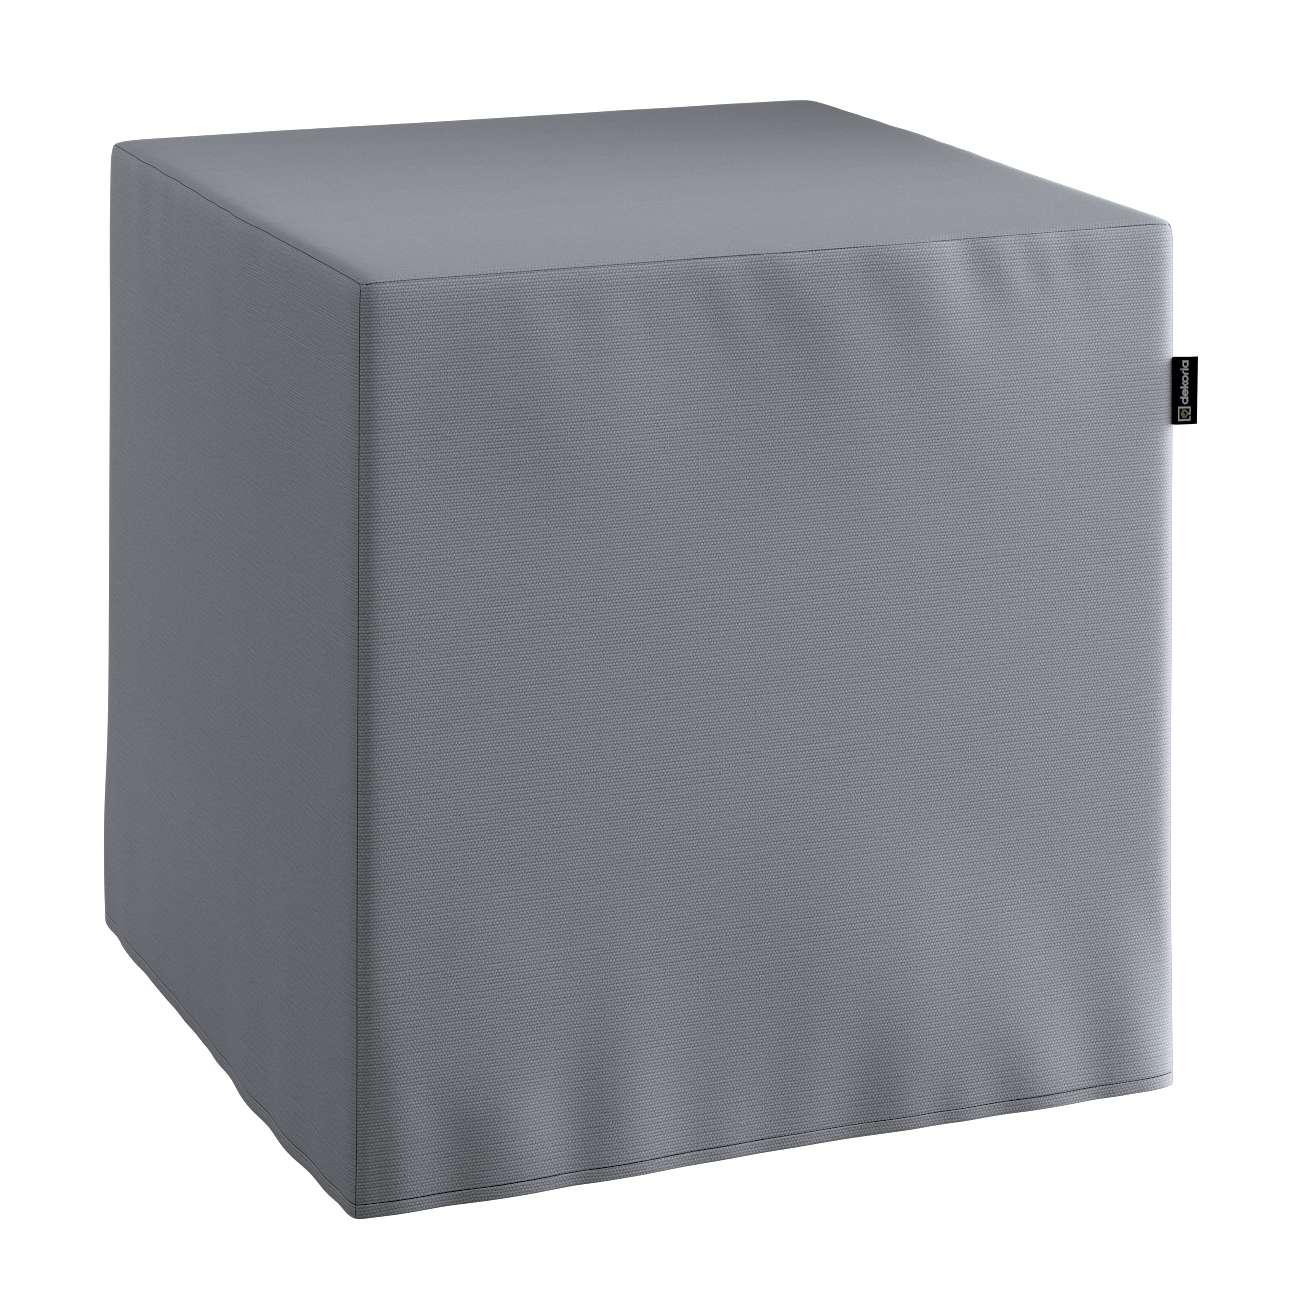 Sedák Cube - kostka pevná 40x40x40 v kolekci Cotton Panama, látka: 702-07